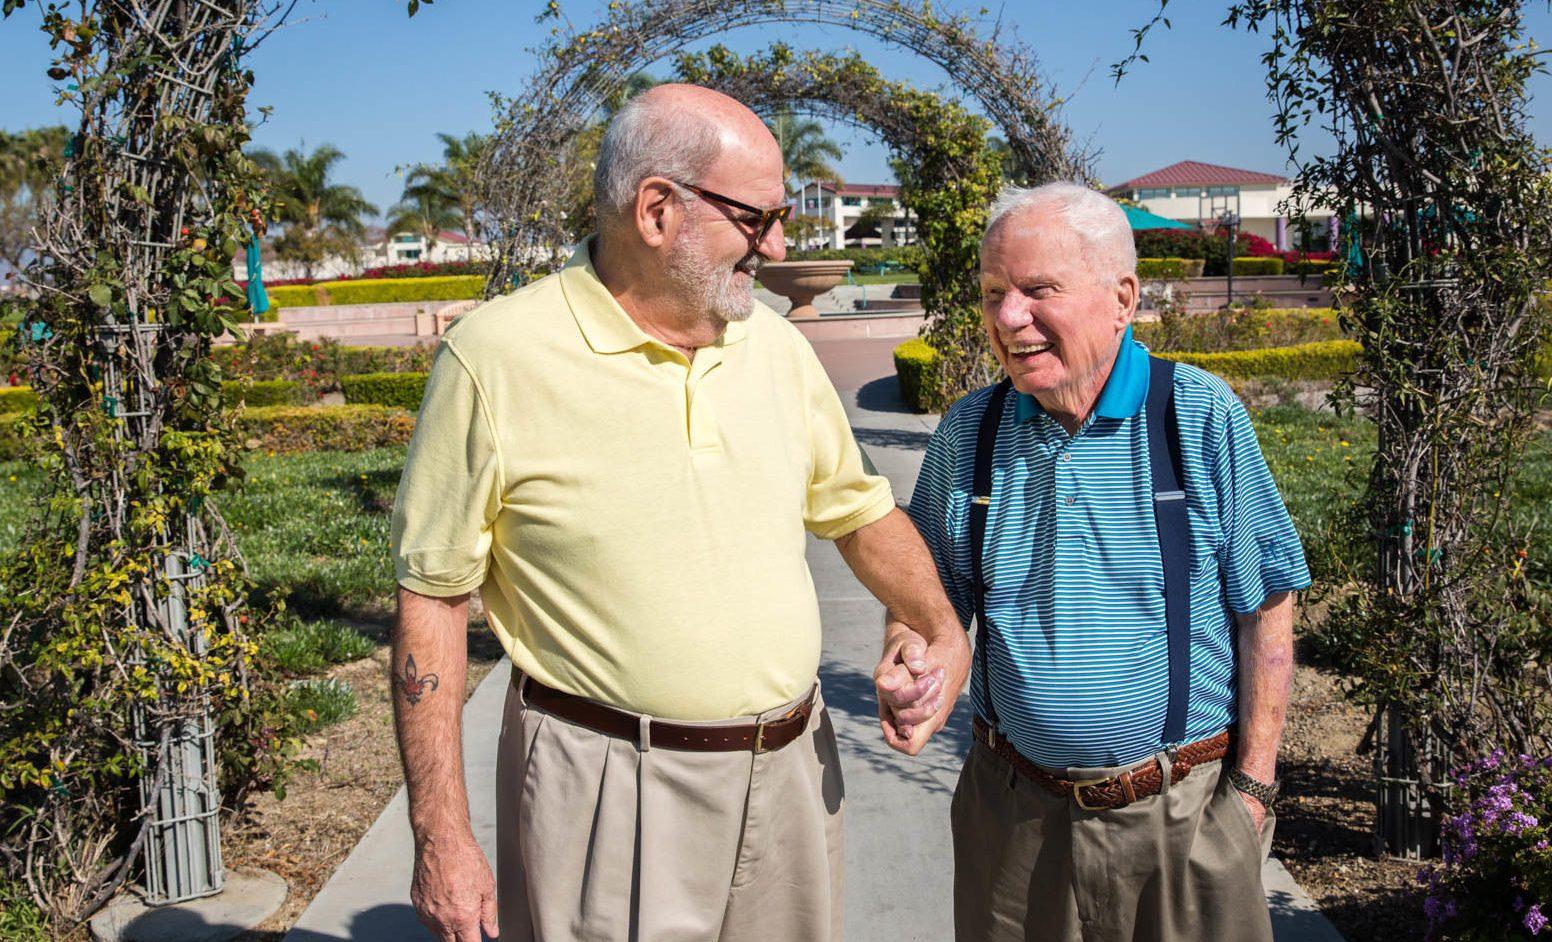 100 Yaşındaki II. Dünya Savaşı Gazisi, Kocasıyla 25. Yıl Dönümlerini Kutluyor